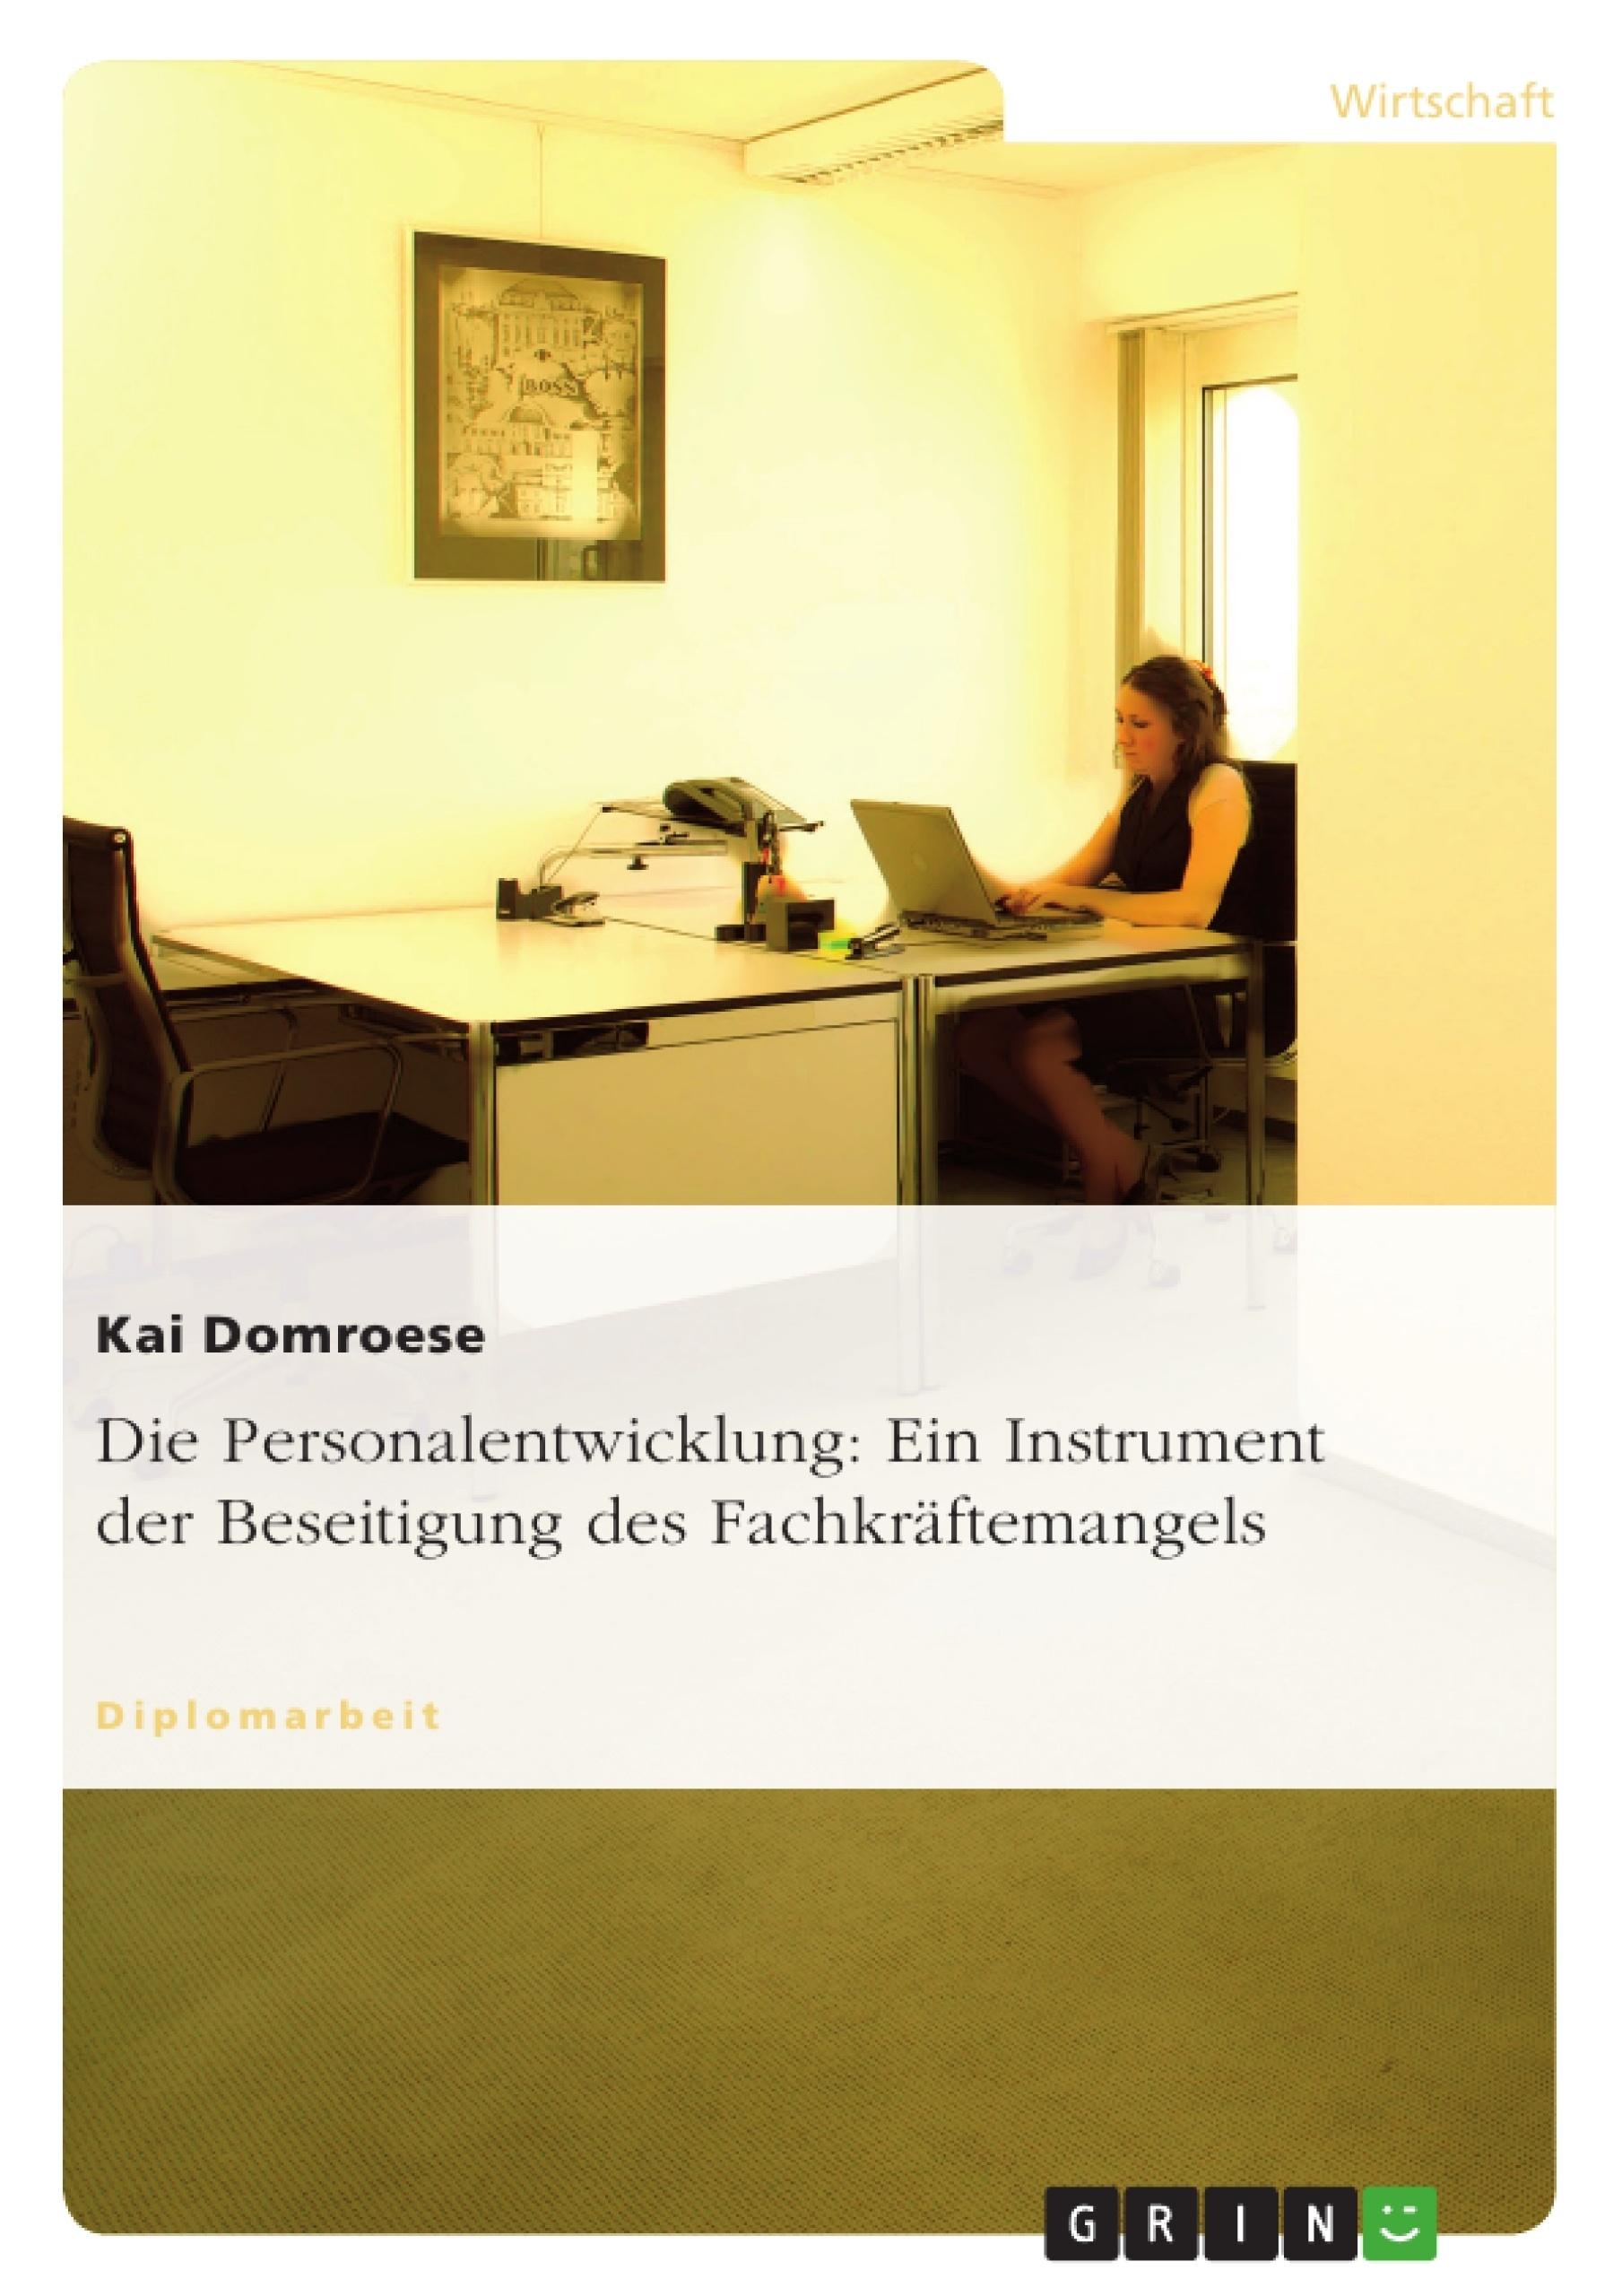 Titel: Die Personalentwicklung: Ein Instrument der Beseitigung des Fachkräftemangels